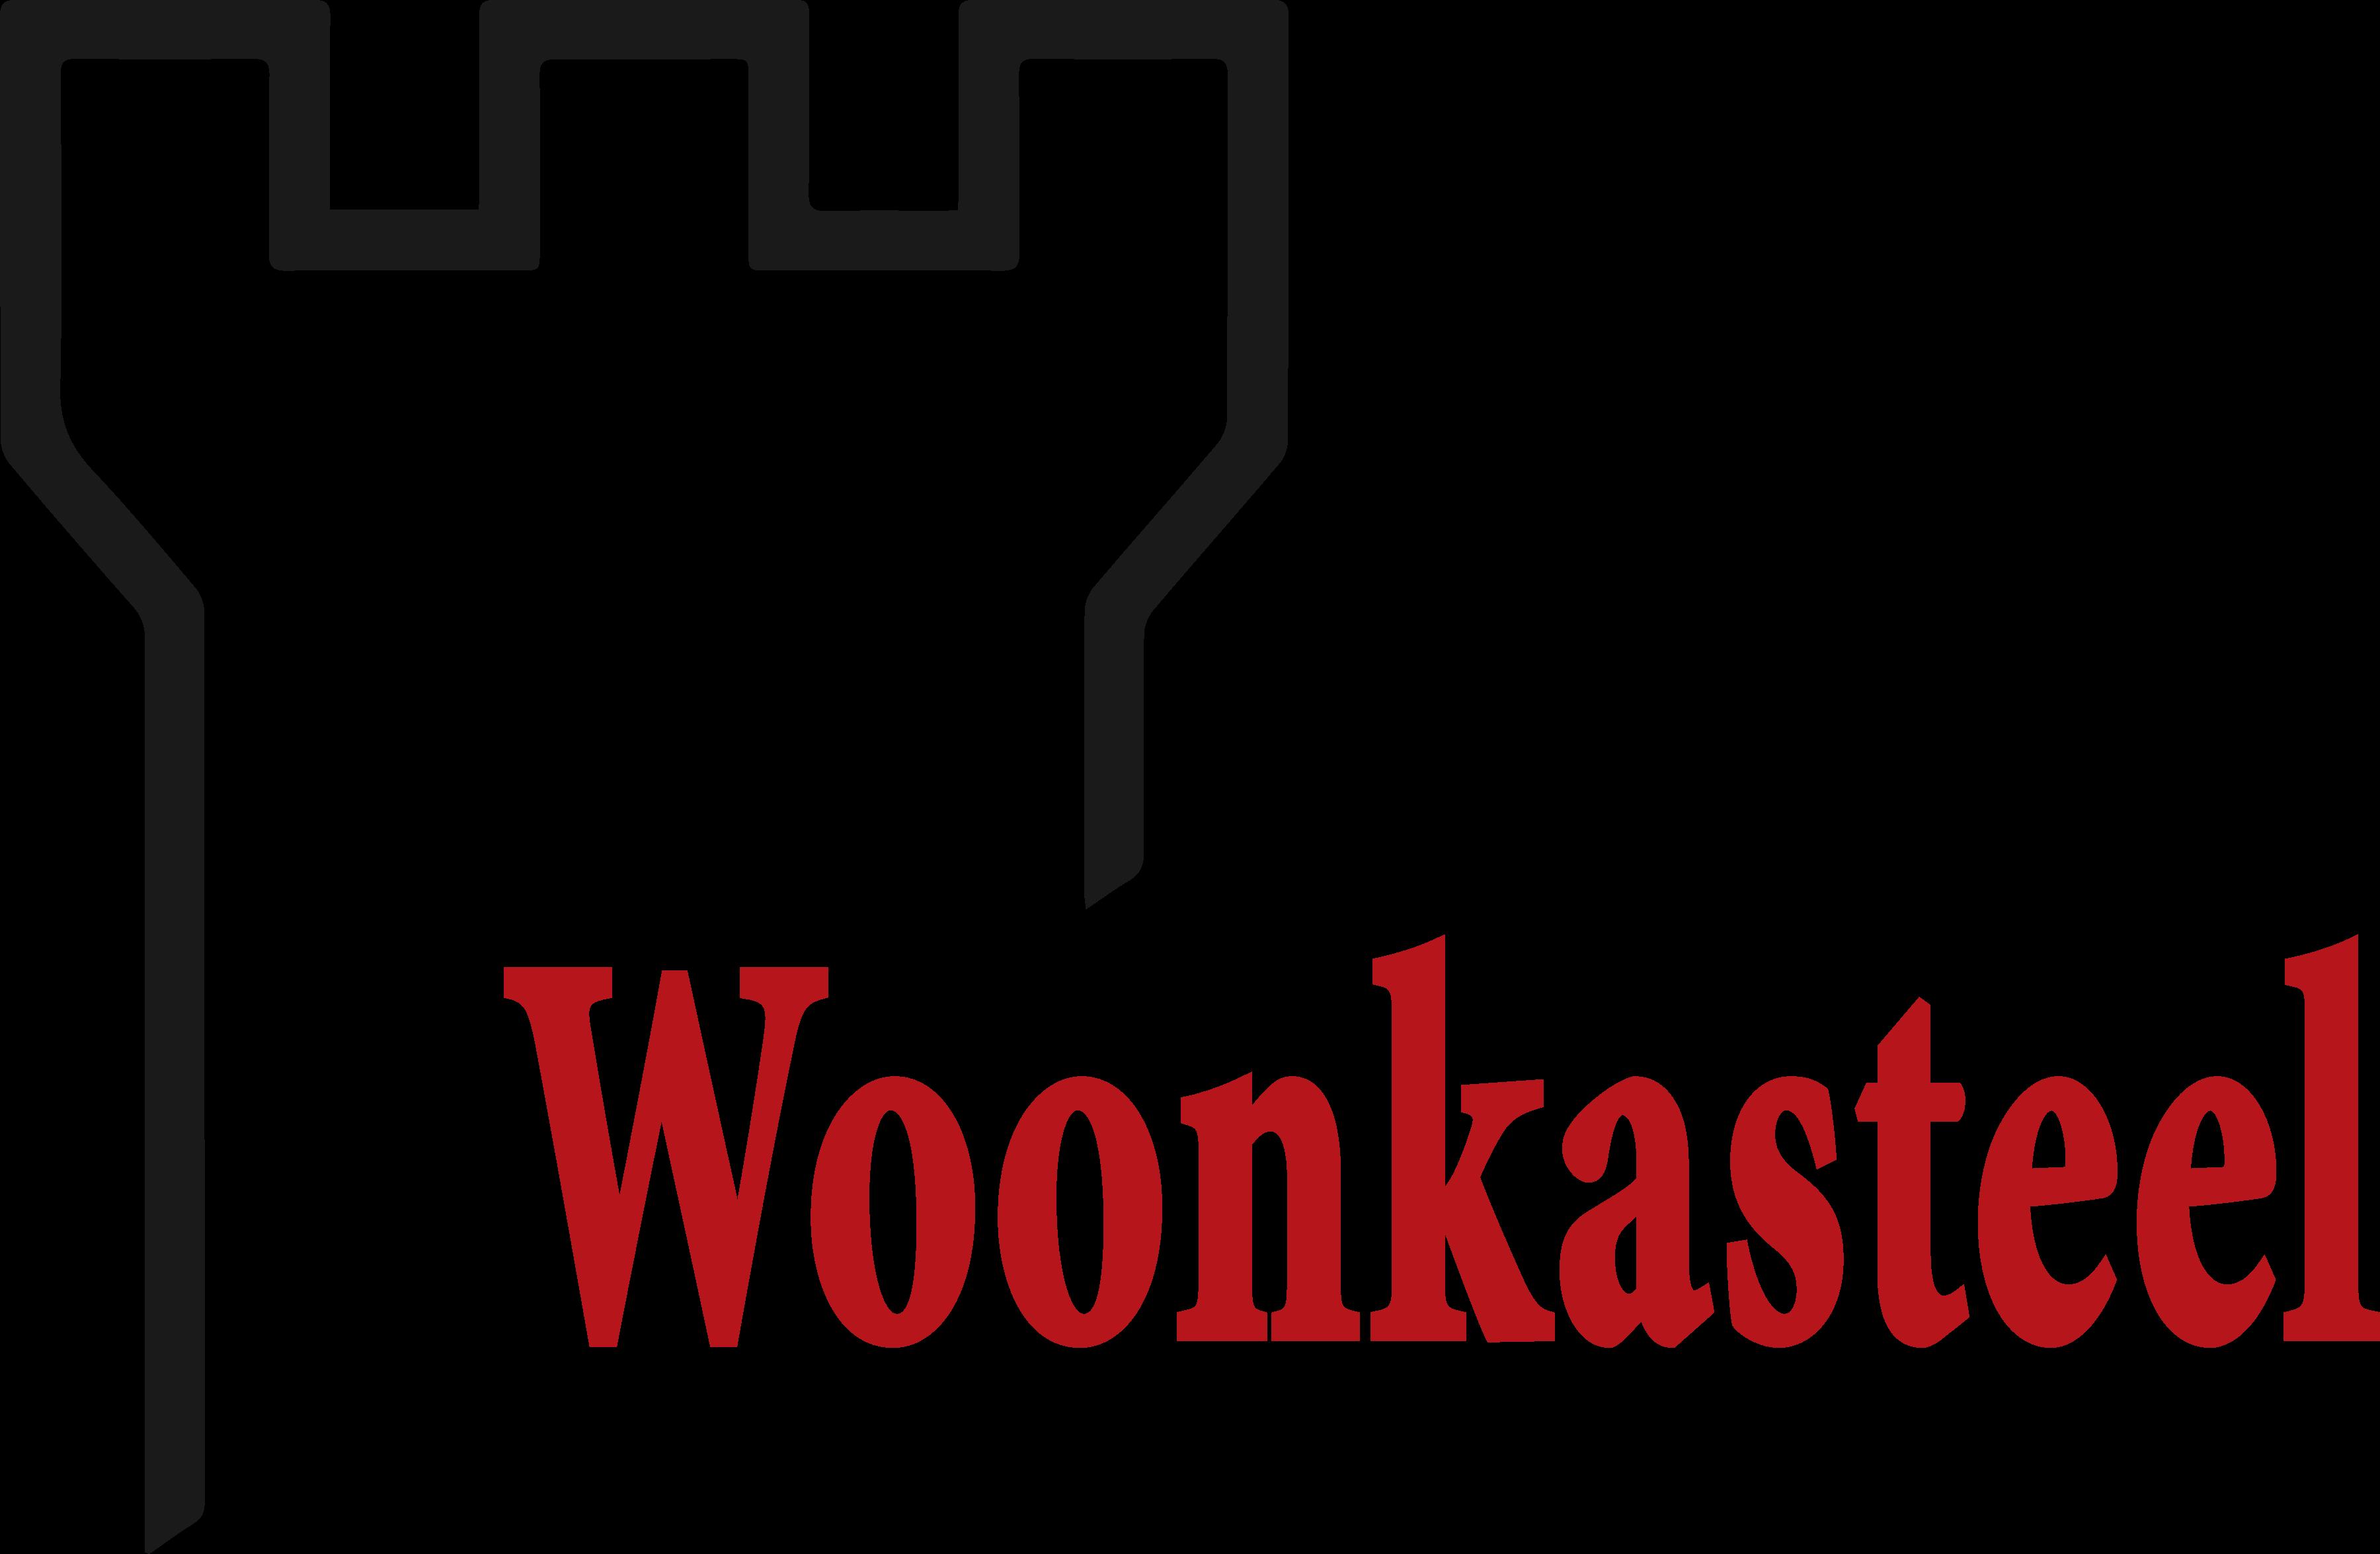 Woonkasteel